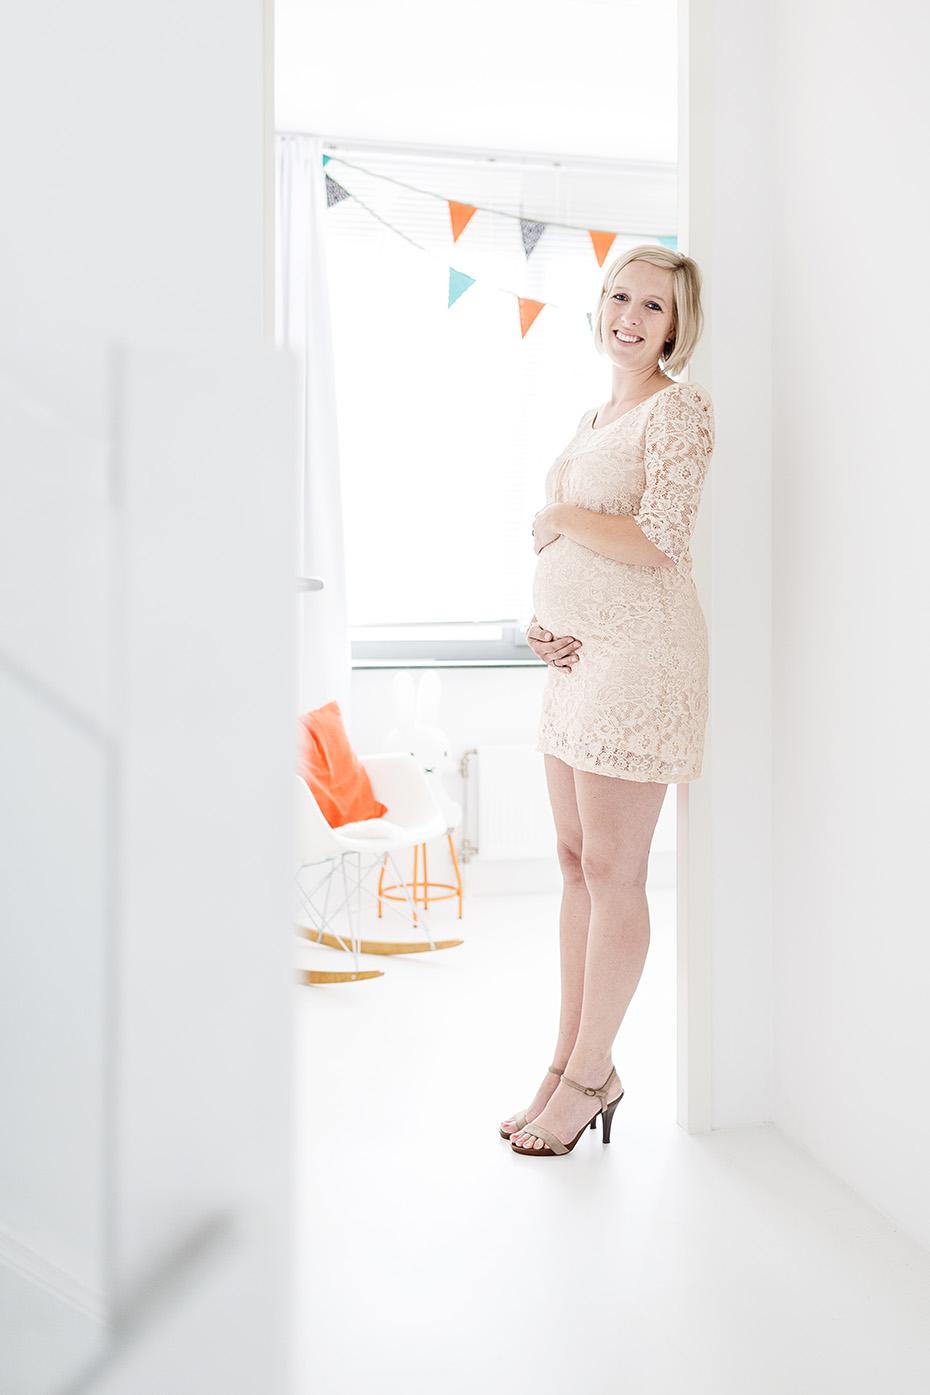 lifestyle-zwangerschapsreportage-gorinchem-13